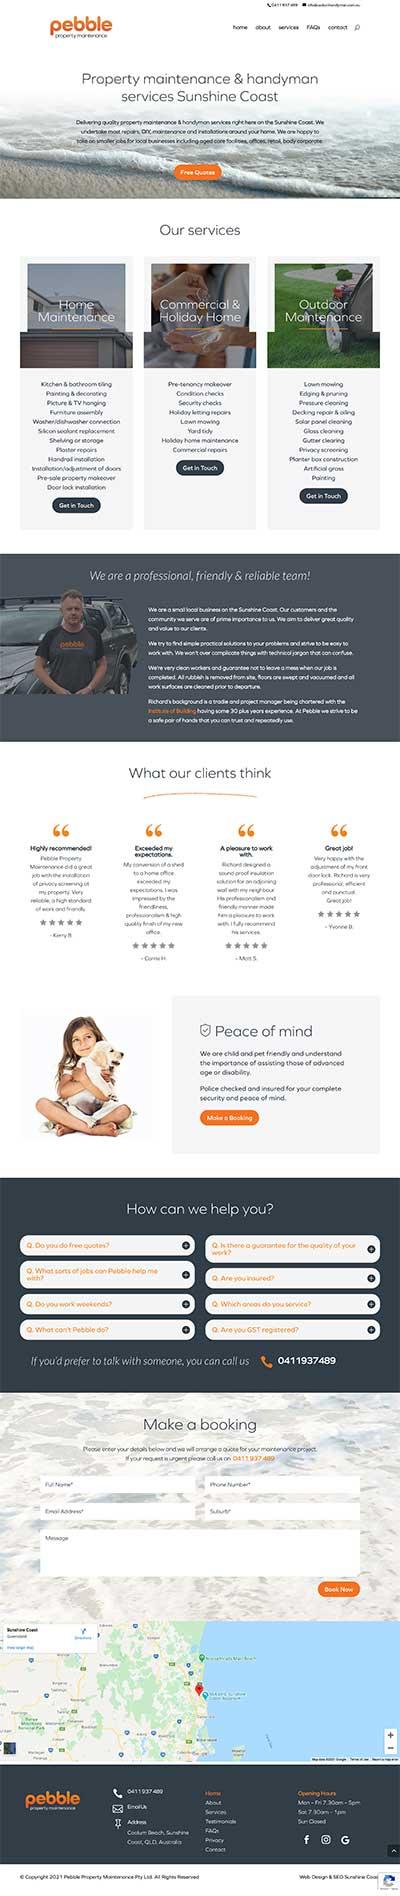 Web Design for handyman services websites